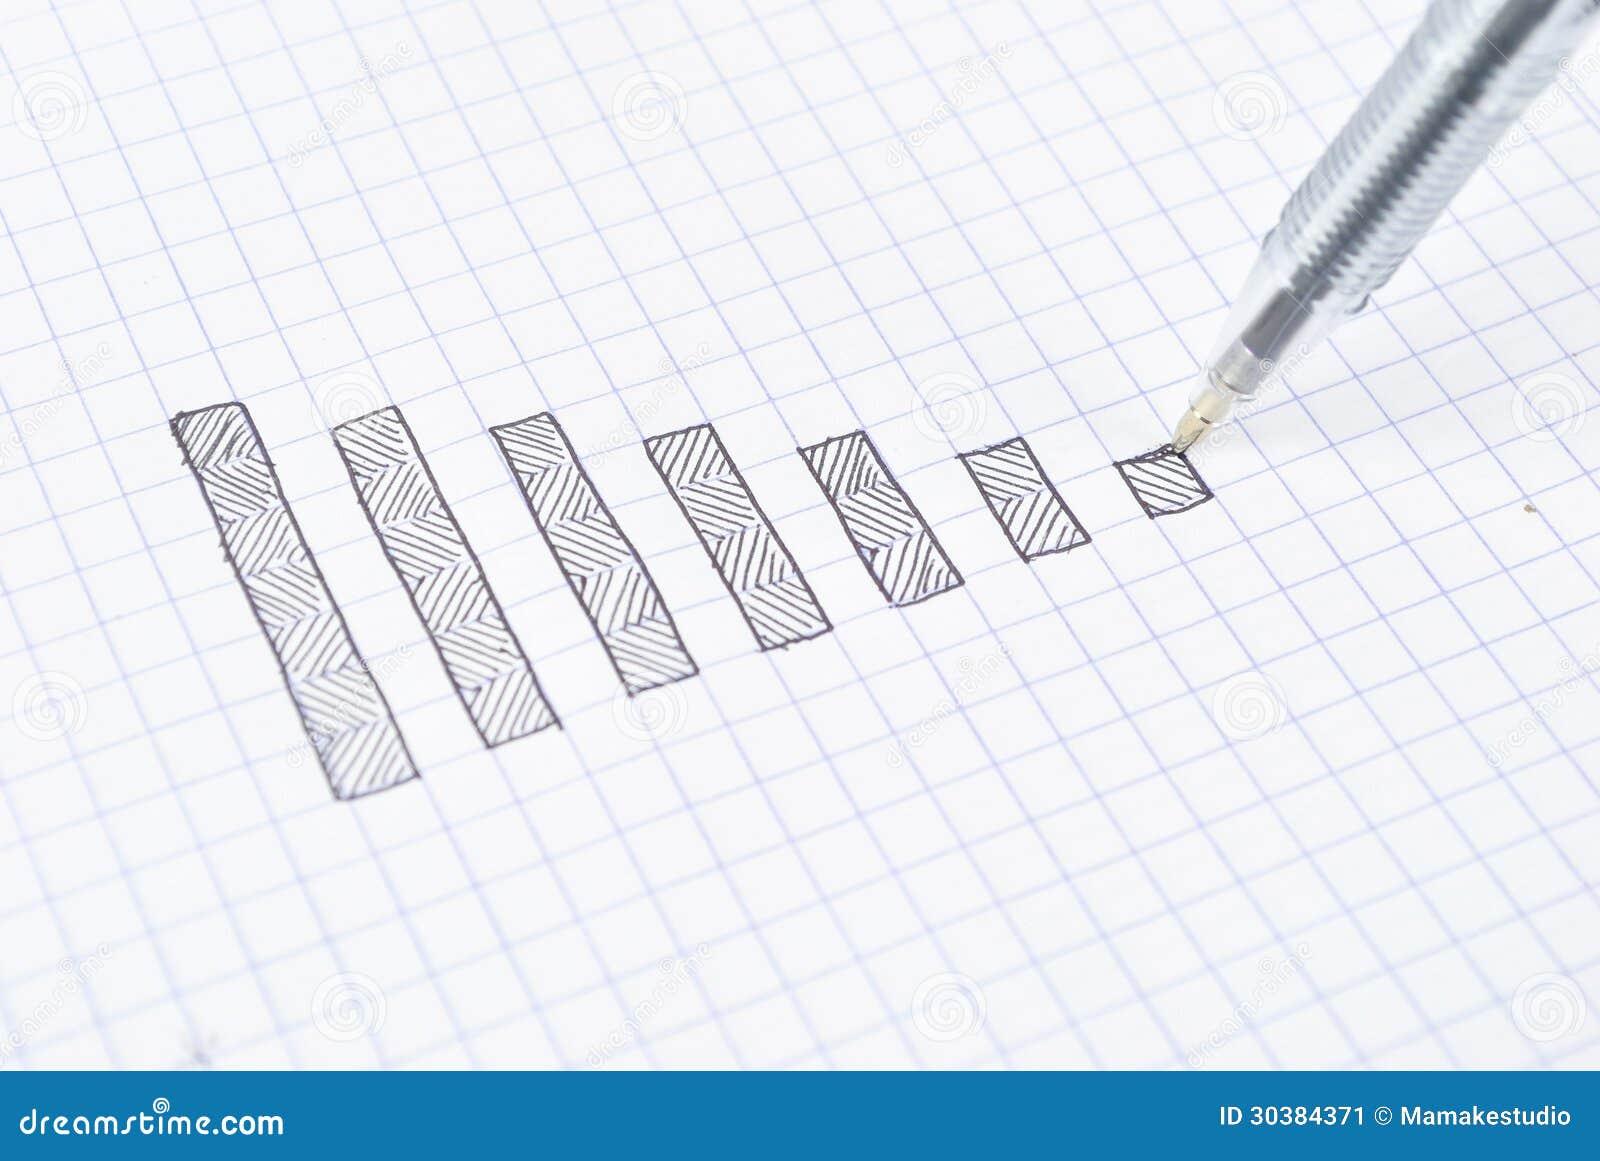 Ziemlich Ein Diagramm Zeichnen Ideen - Elektrische Schaltplan-Ideen ...